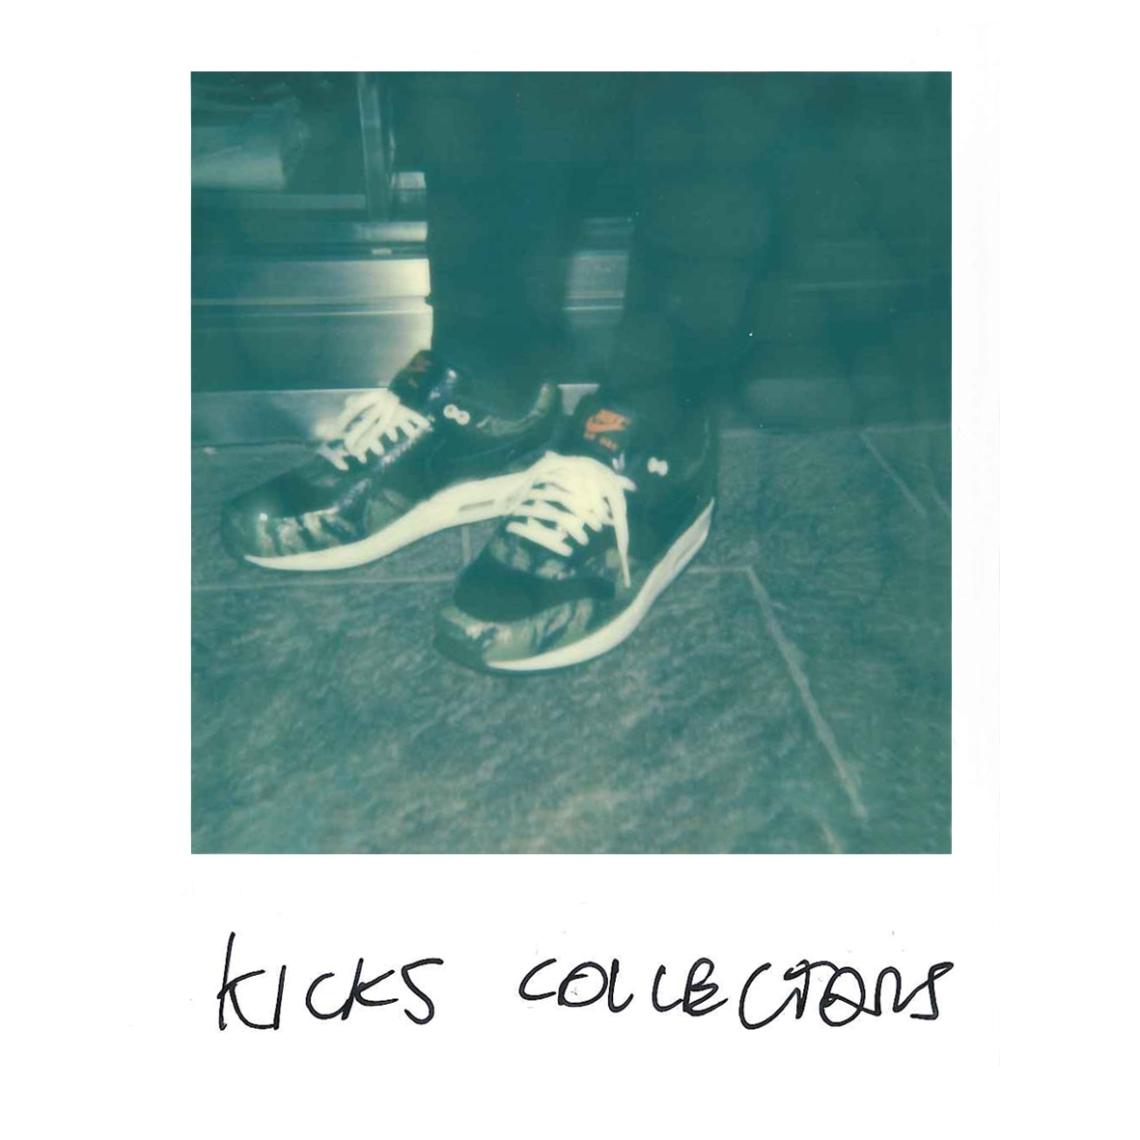 4-kicks-collectors-2-atmos-x-nike-air-max-1.jpeg